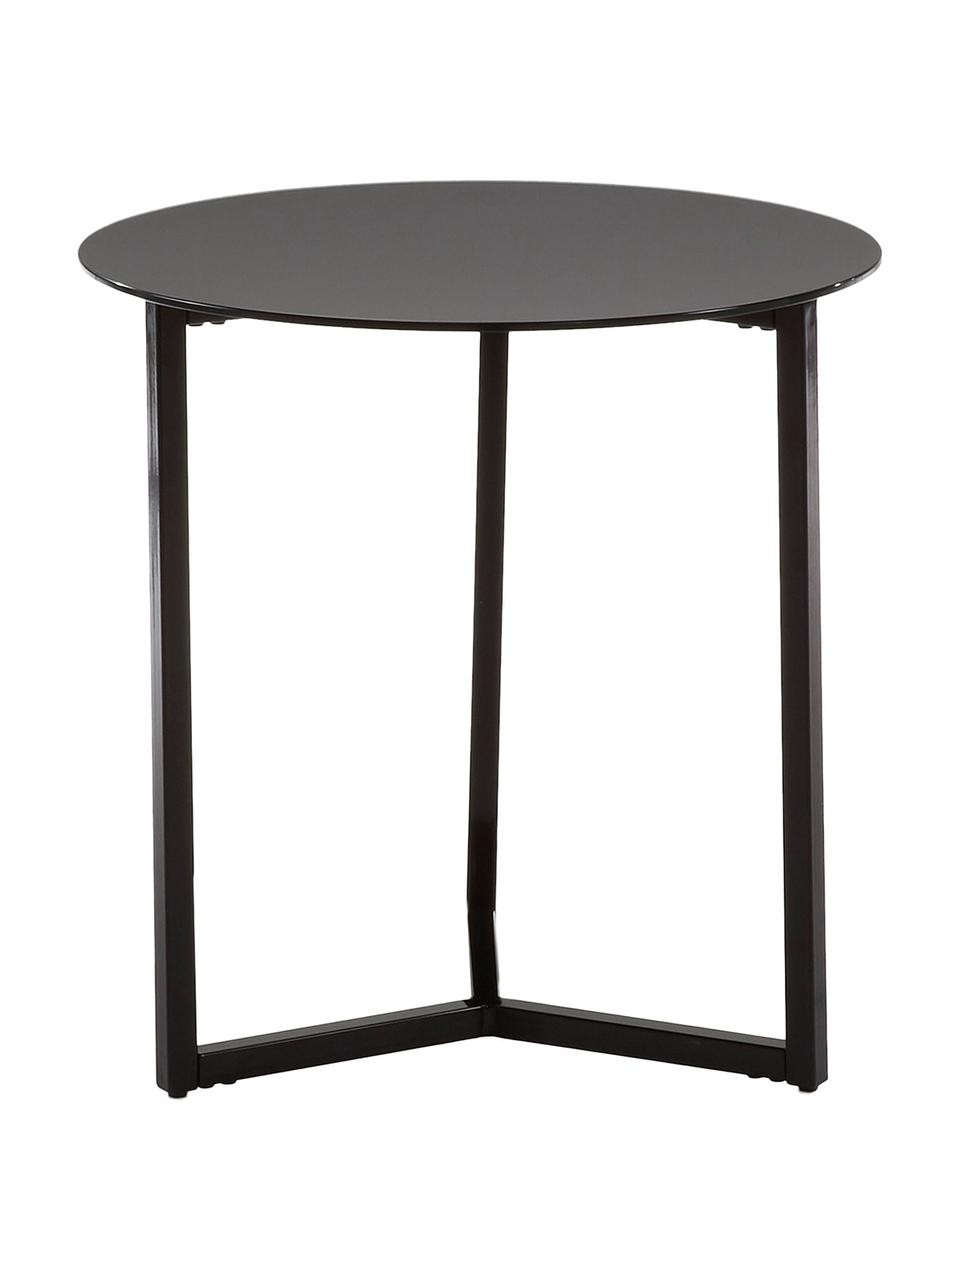 Beistelltisch Raeam mit schwarzer Glasplatte, Tischplatte: Sicherheitsglas, getönt, Gestell: Metall, lackiert, Schwarz, Ø 50 x H 50 cm